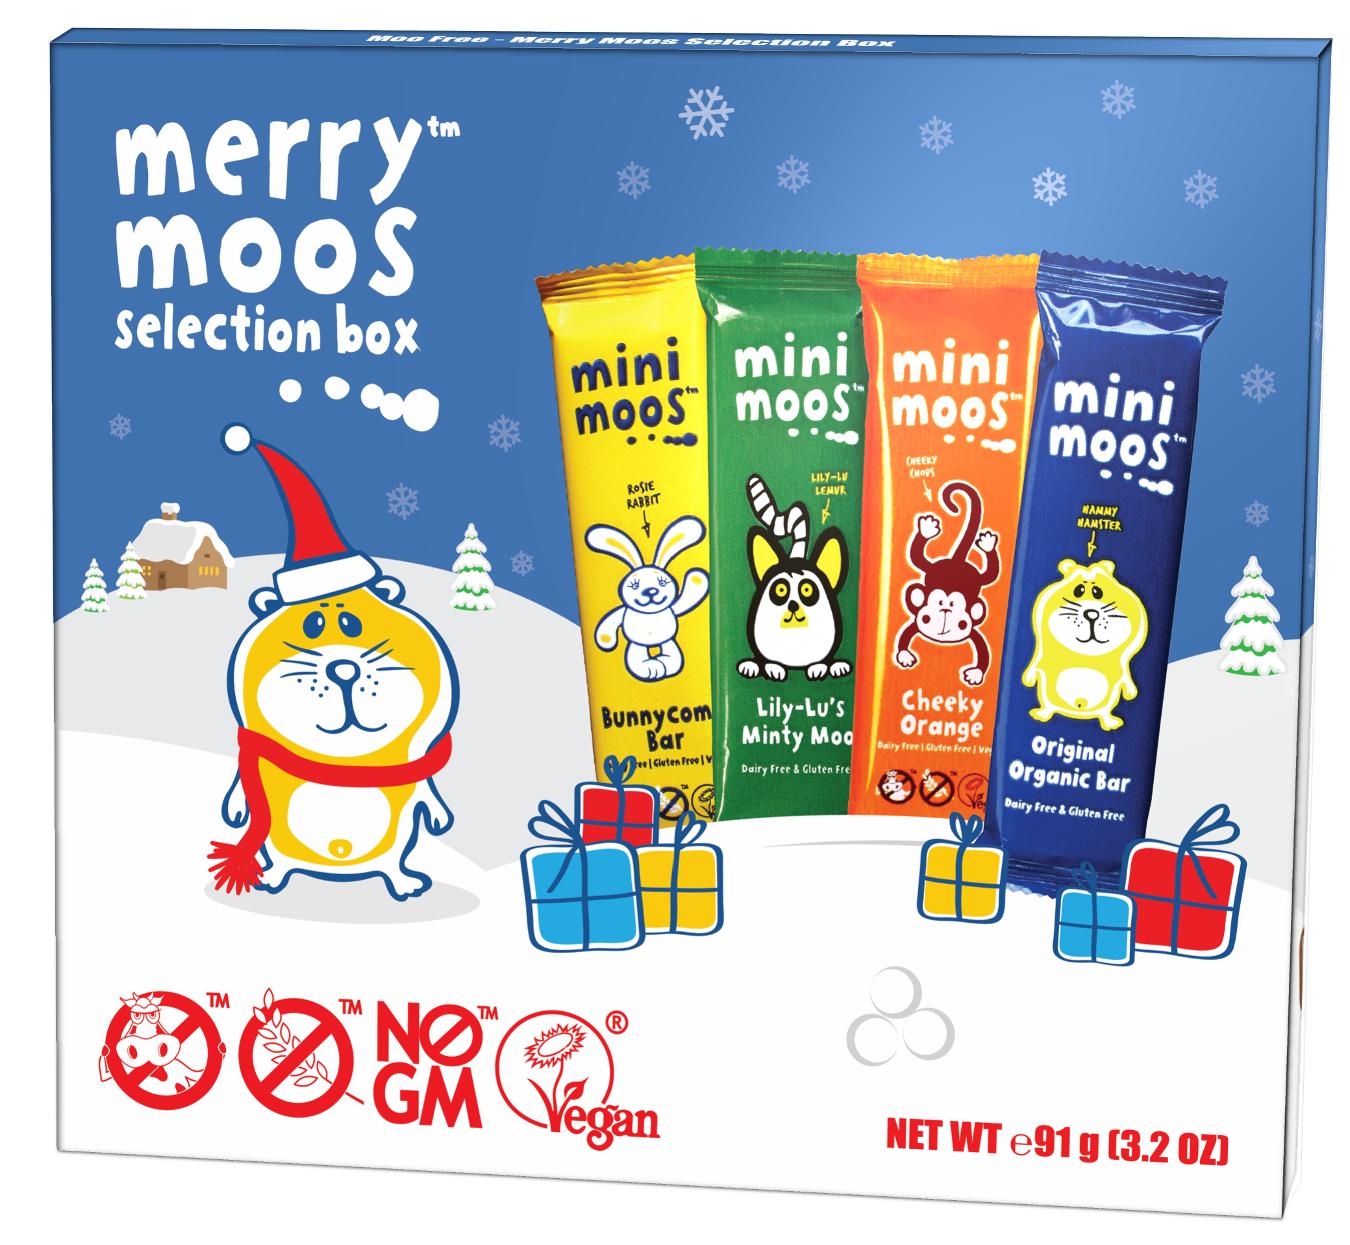 moo-free-selection-box-hi-res.jpg